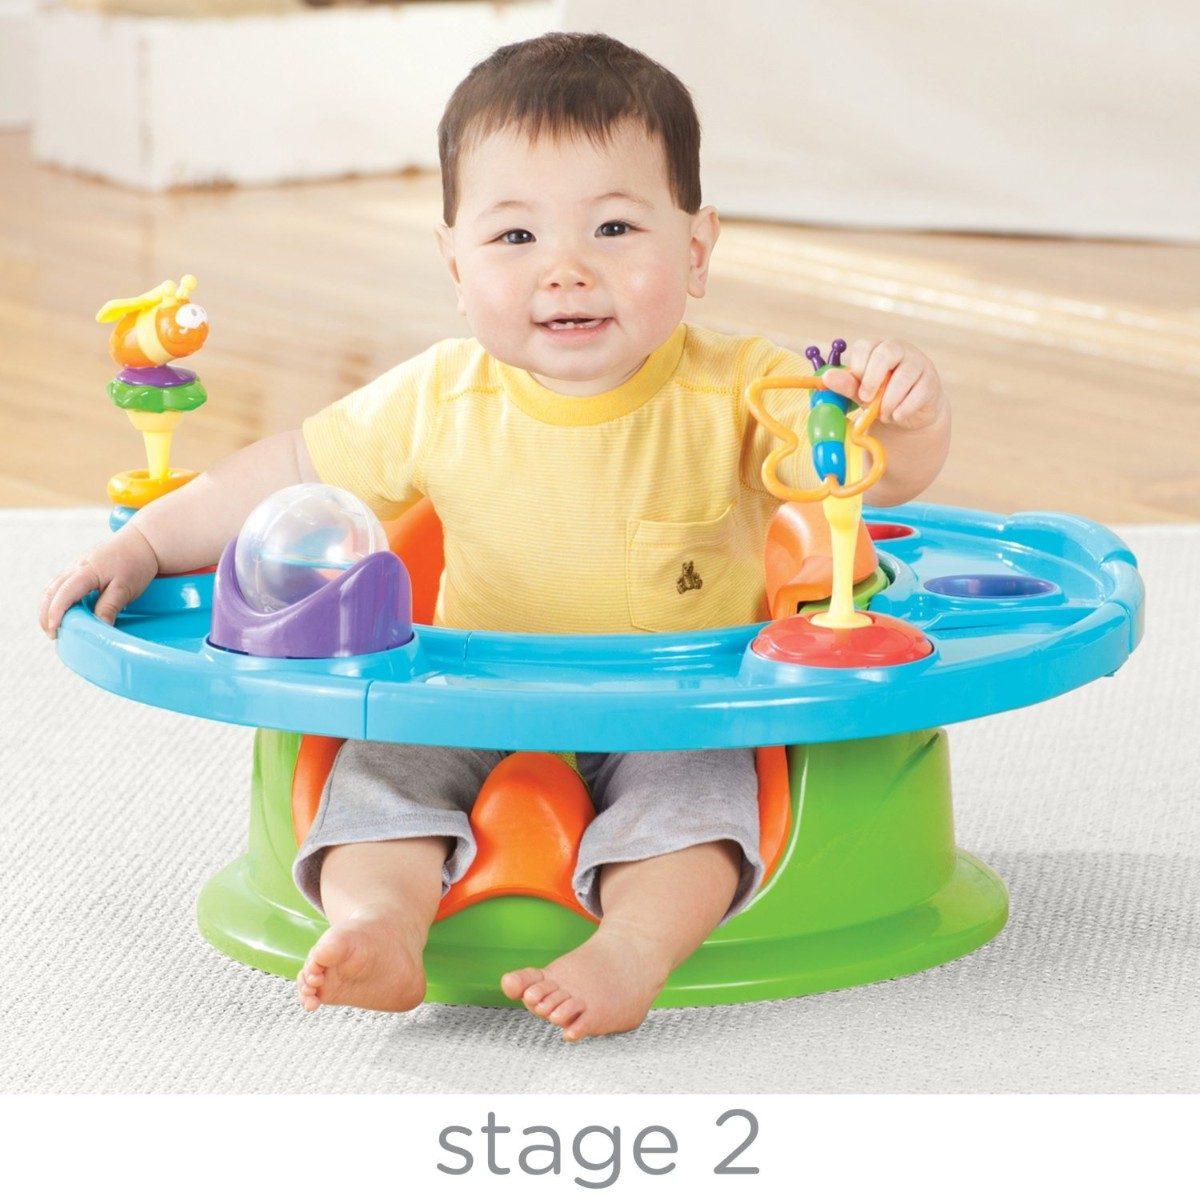 Silla Estilo Bumbo Para Beb 233 3 En 1 Asiento Juegos